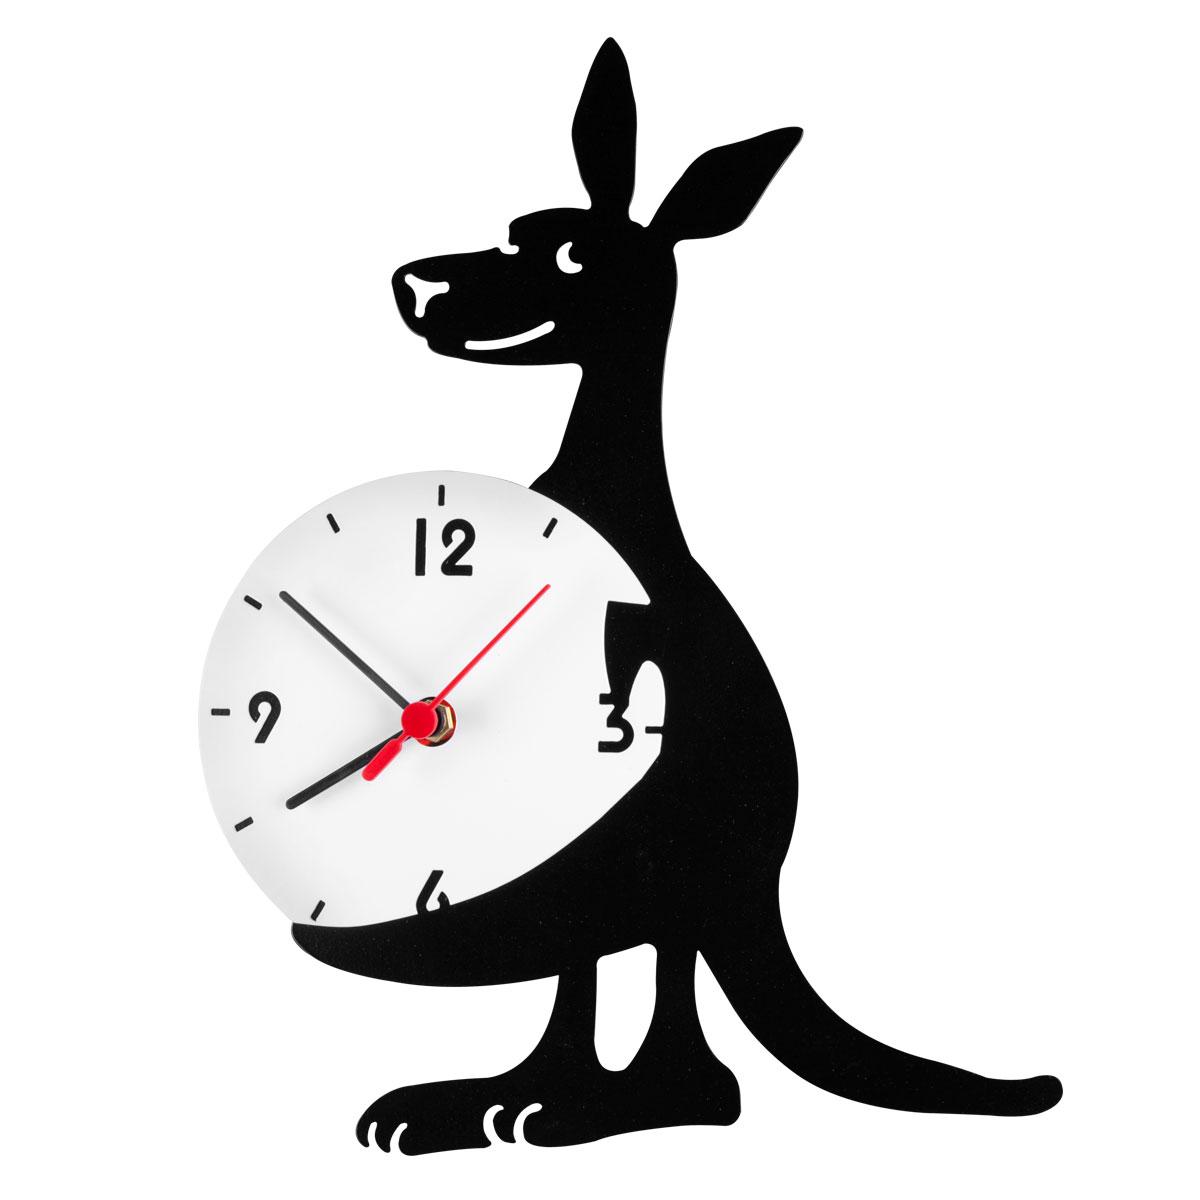 Часы настенные Miolla Кенгуру, цвет: черный, белыйCH016Оригинальные настенные часы круглой формы выполнены из стали. Часы имеют три стрелки - часовую, минутную и секундную и циферблат с цифрами. Необычное дизайнерское решение и качество исполнения придутся по вкусу каждому. Оформите свой дом таким интерьерным аксессуаром или преподнесите его в качестве презента друзьям, и они оценят ваш оригинальный вкус и неординарность подарка.